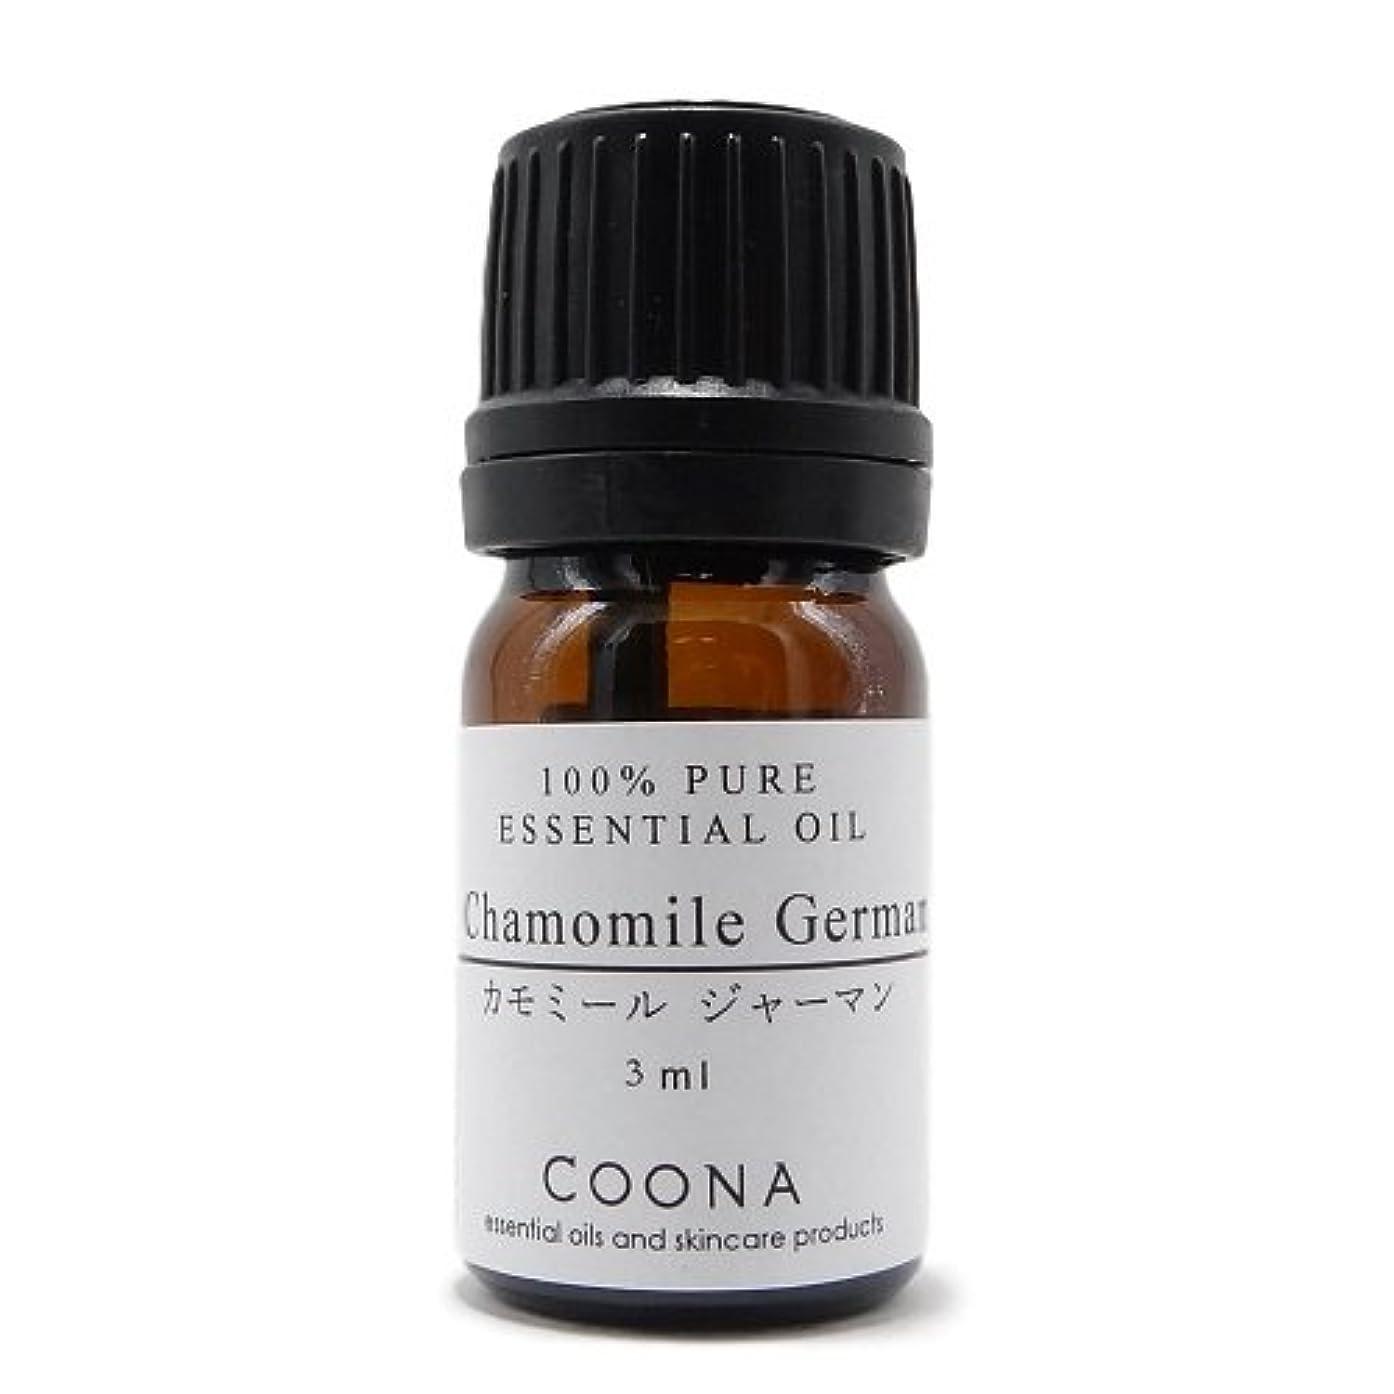 難しいわかる中カモミール ジャーマン 3 ml (COONA エッセンシャルオイル アロマオイル 100% 天然植物精油)